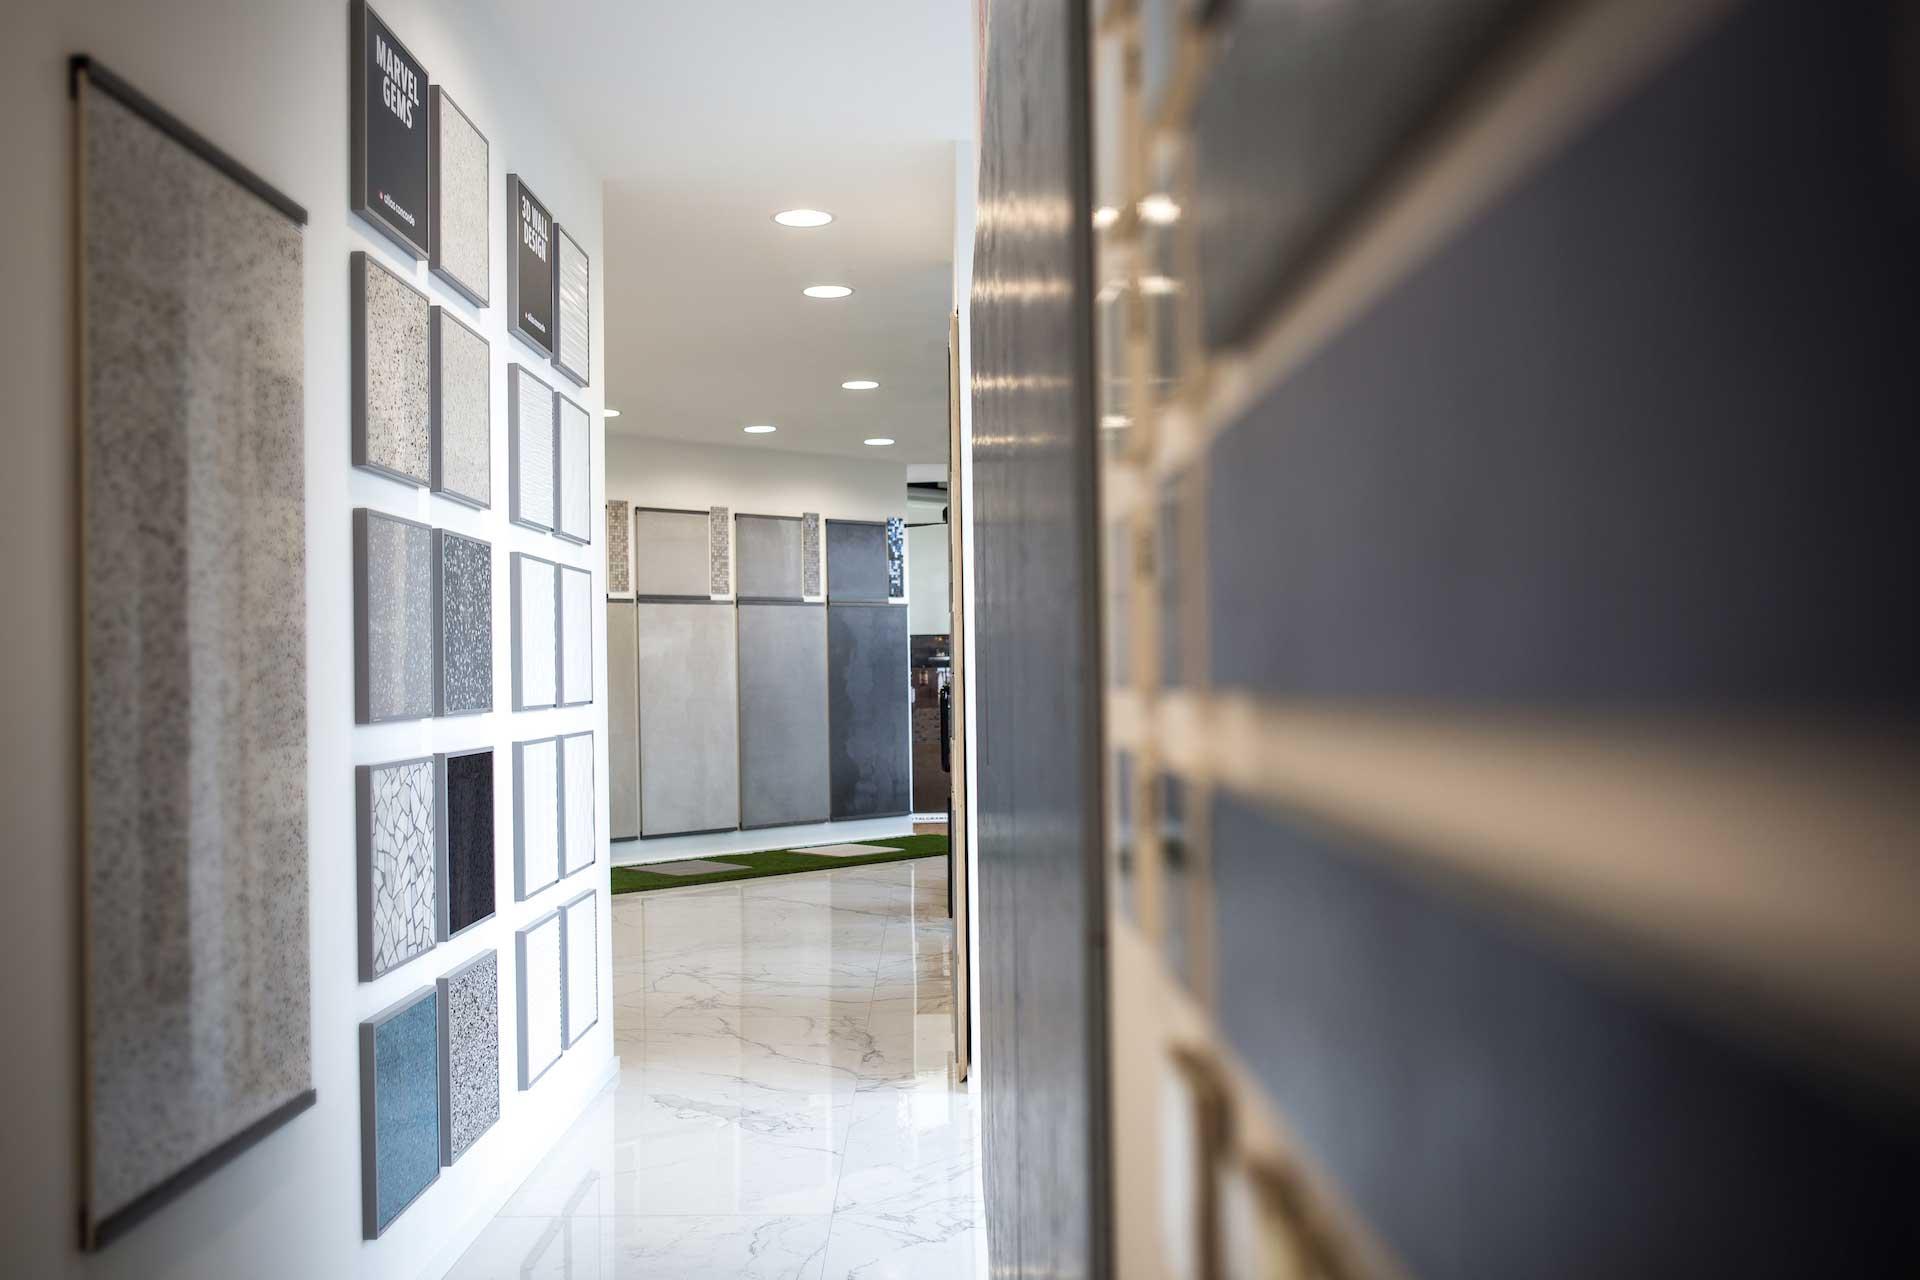 porro-1919-erba-como-atelier-pavimenti-rivestimenti-porte-serramenti-materiali-design-ambienti-arredo-interni-interior.design2